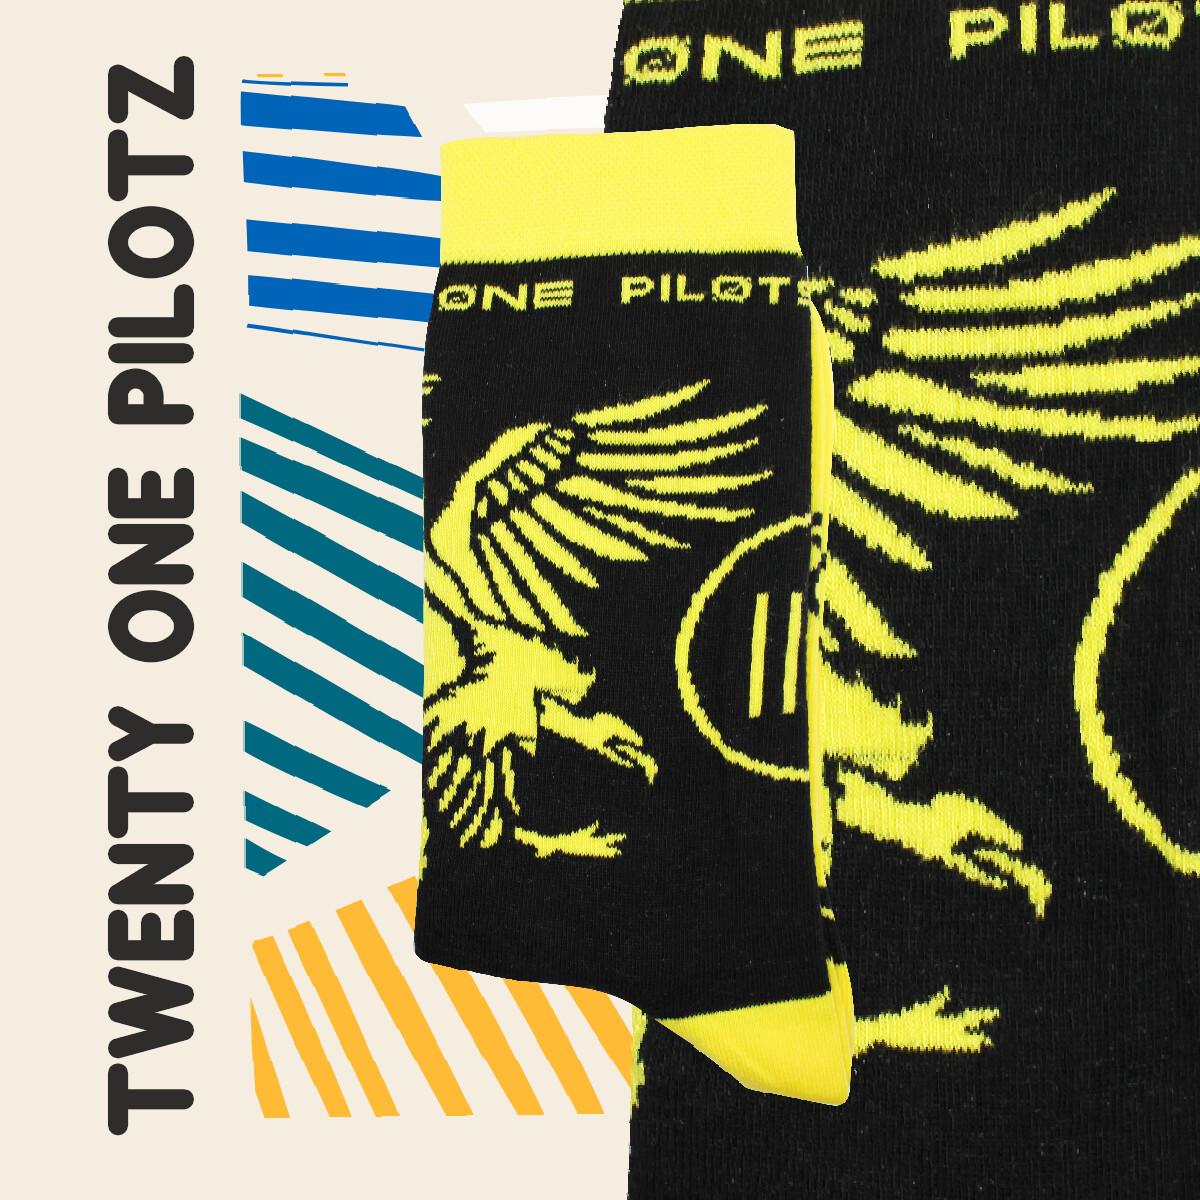 Twenty One PilotZ